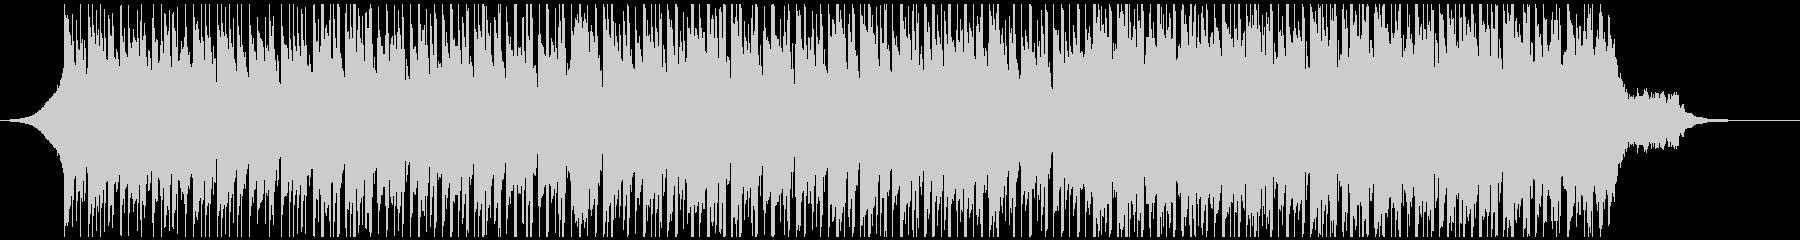 不動産(60秒)の未再生の波形